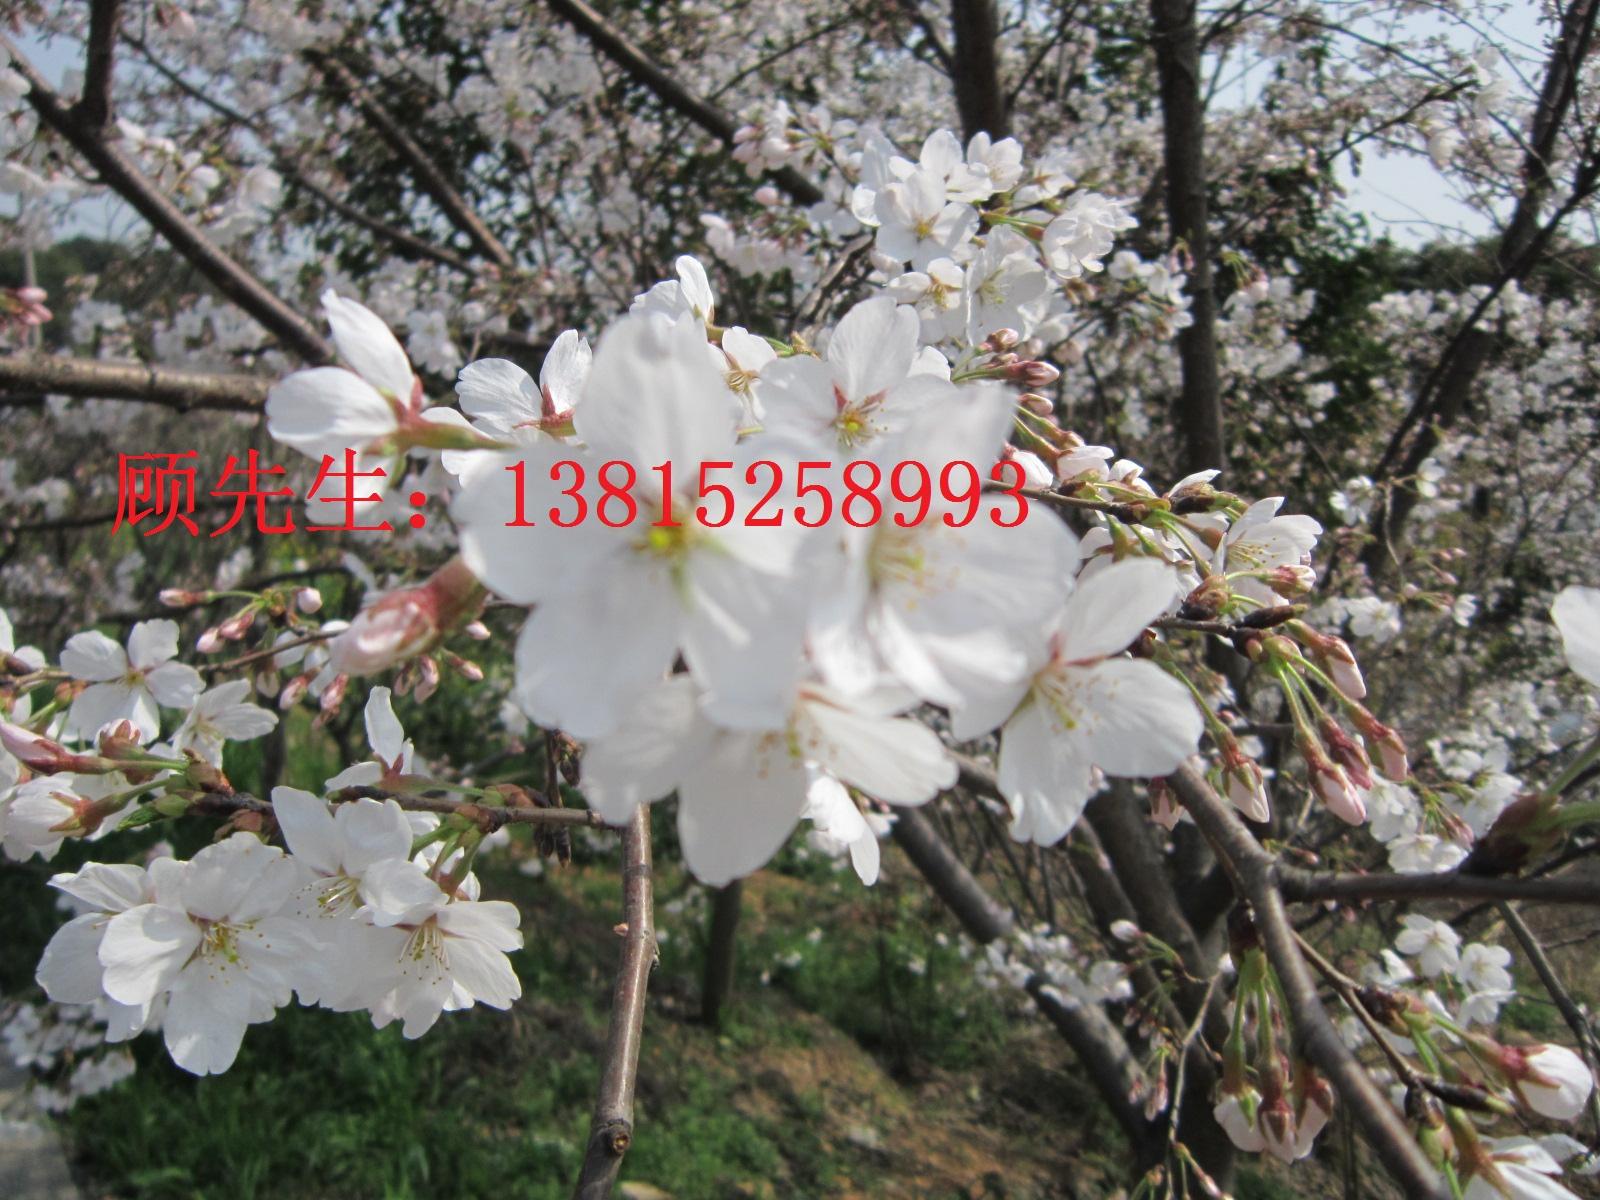 苏州樱花树日本染井吉野樱苏州绿化苗圃